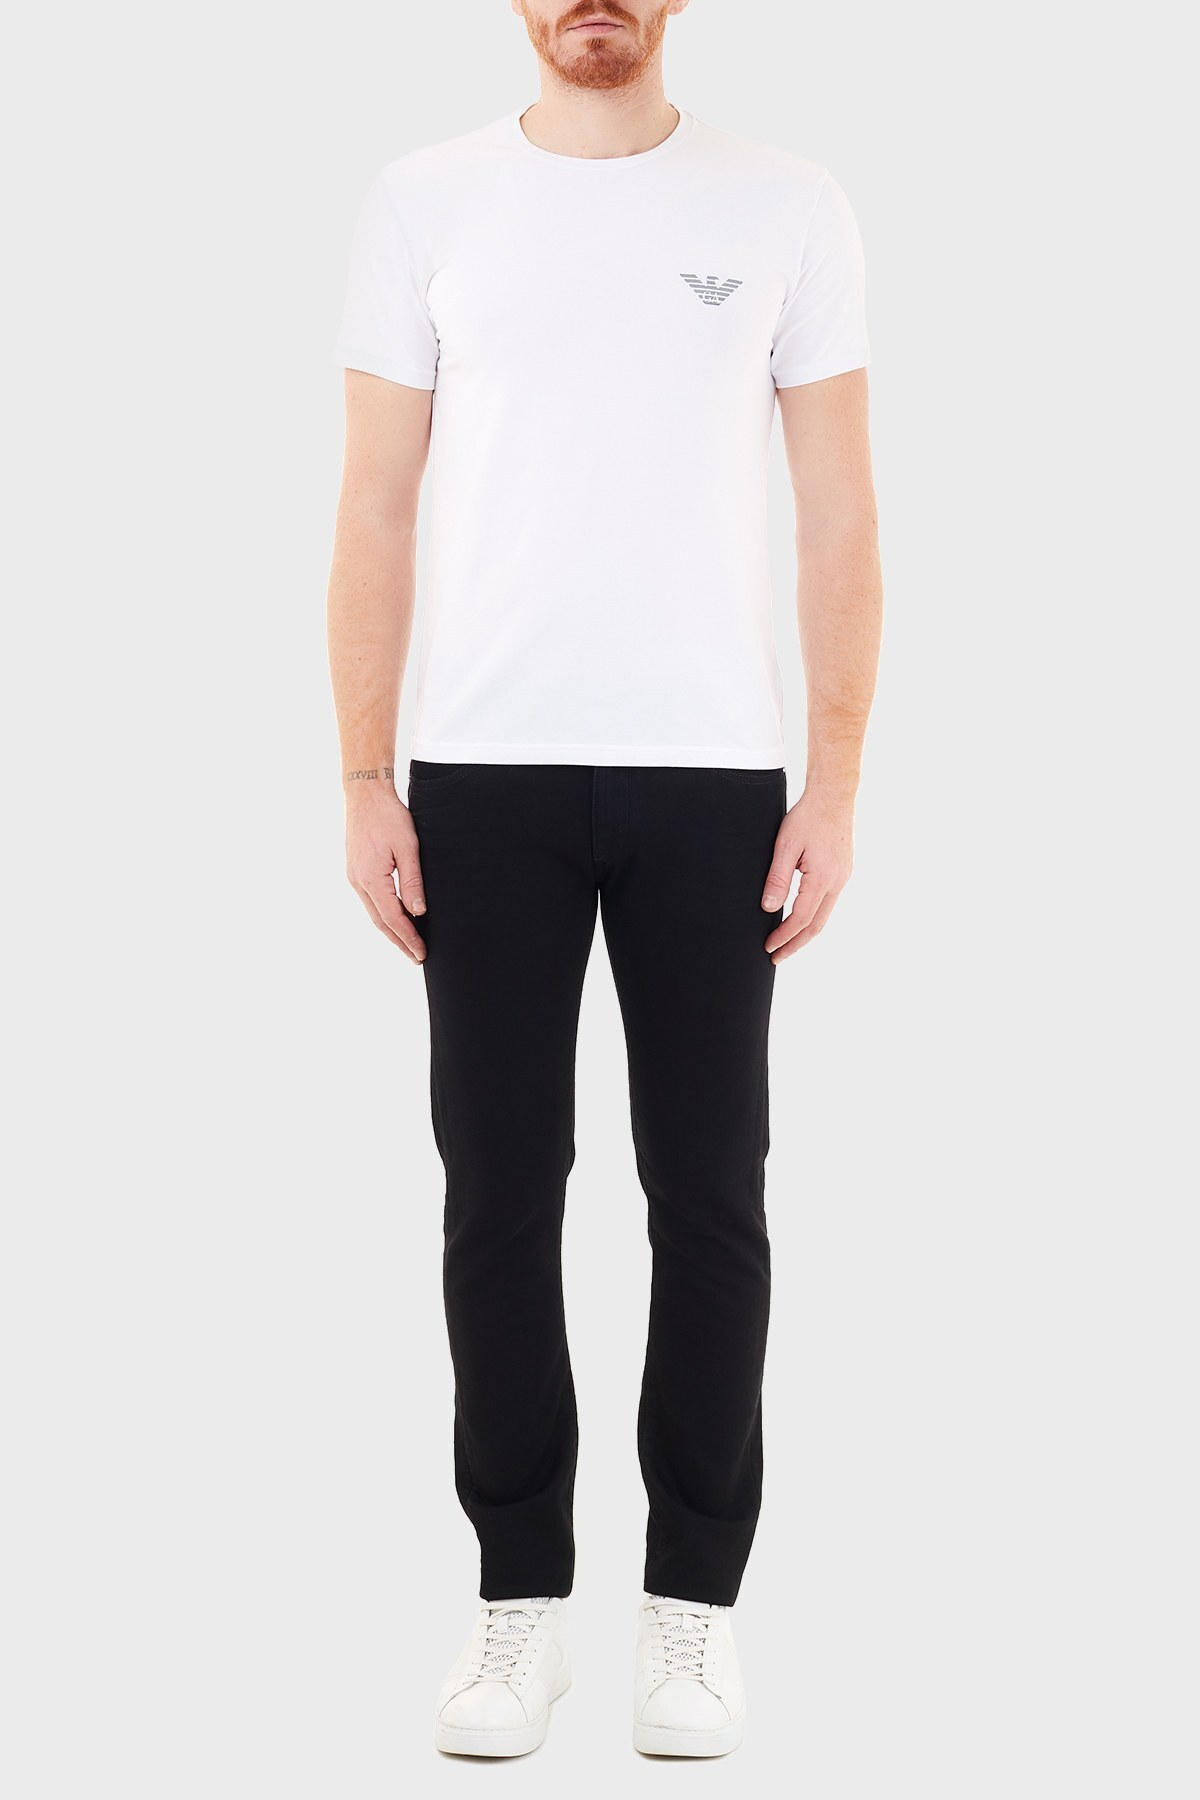 Emporio Armani Slim Fit Pamuklu J10 Jeans Erkek Kot Pantolon 6H1J10 1DM9Z 0005 SİYAH